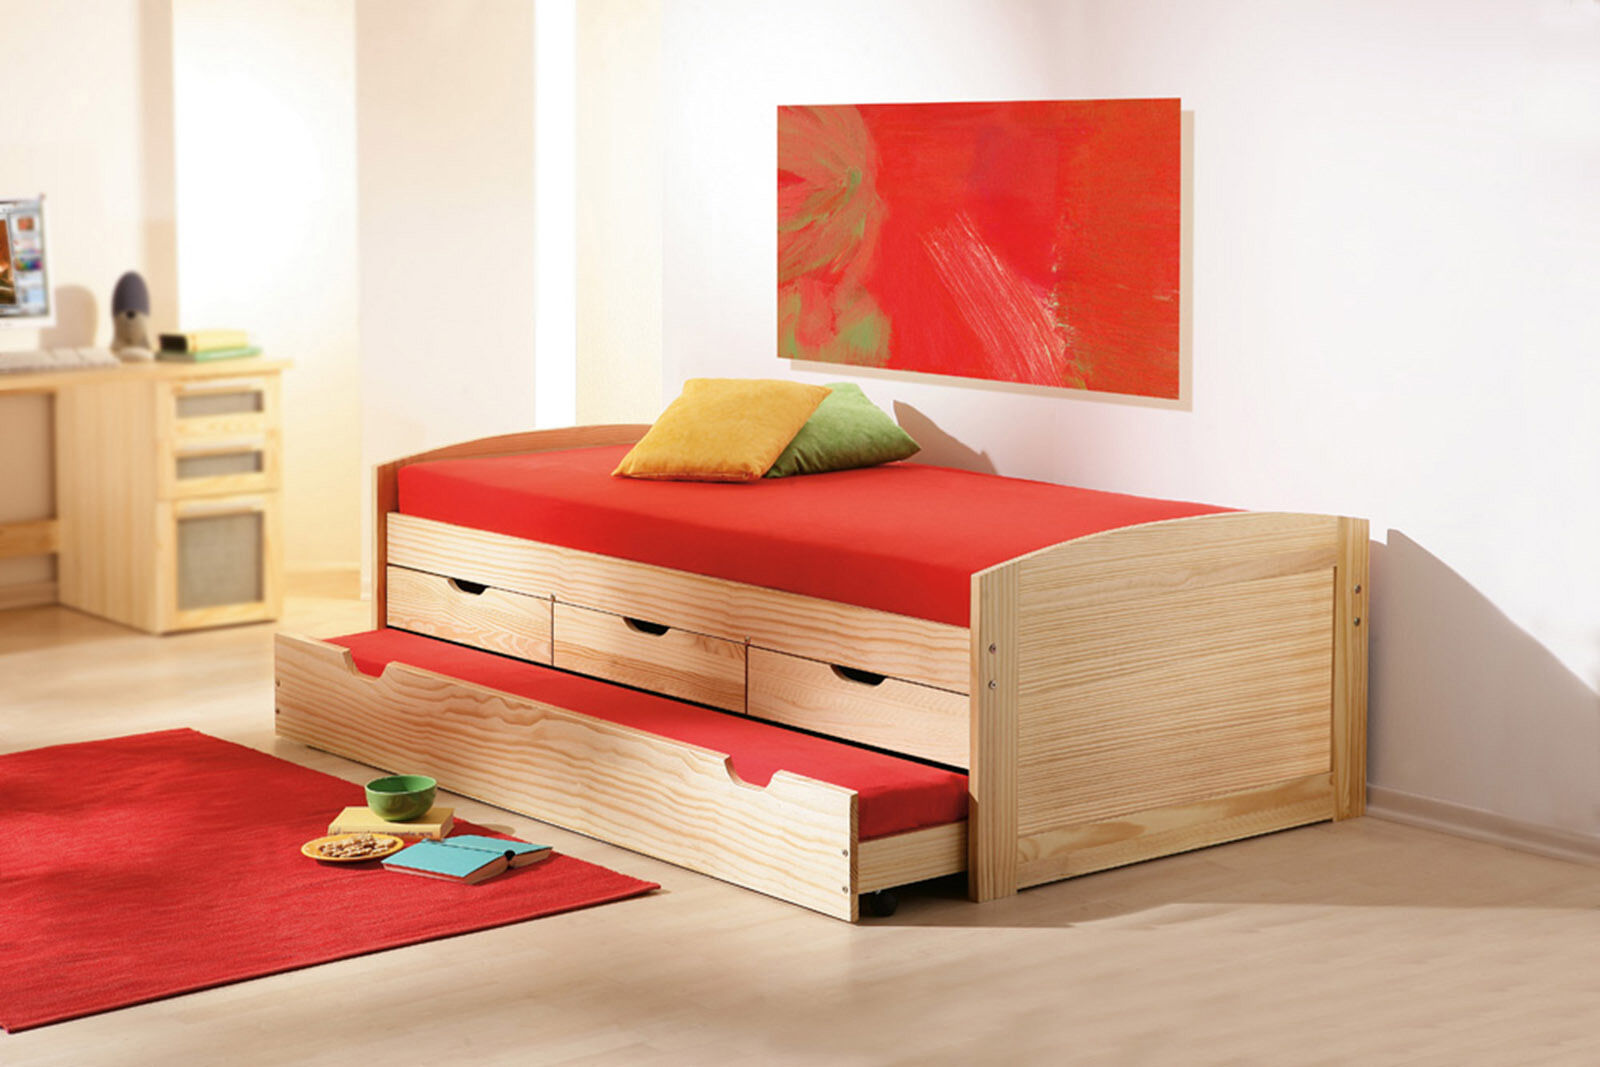 Bett 90x200 cm kinderbett funktionsbett kojenbett for Funktionsbett ikea